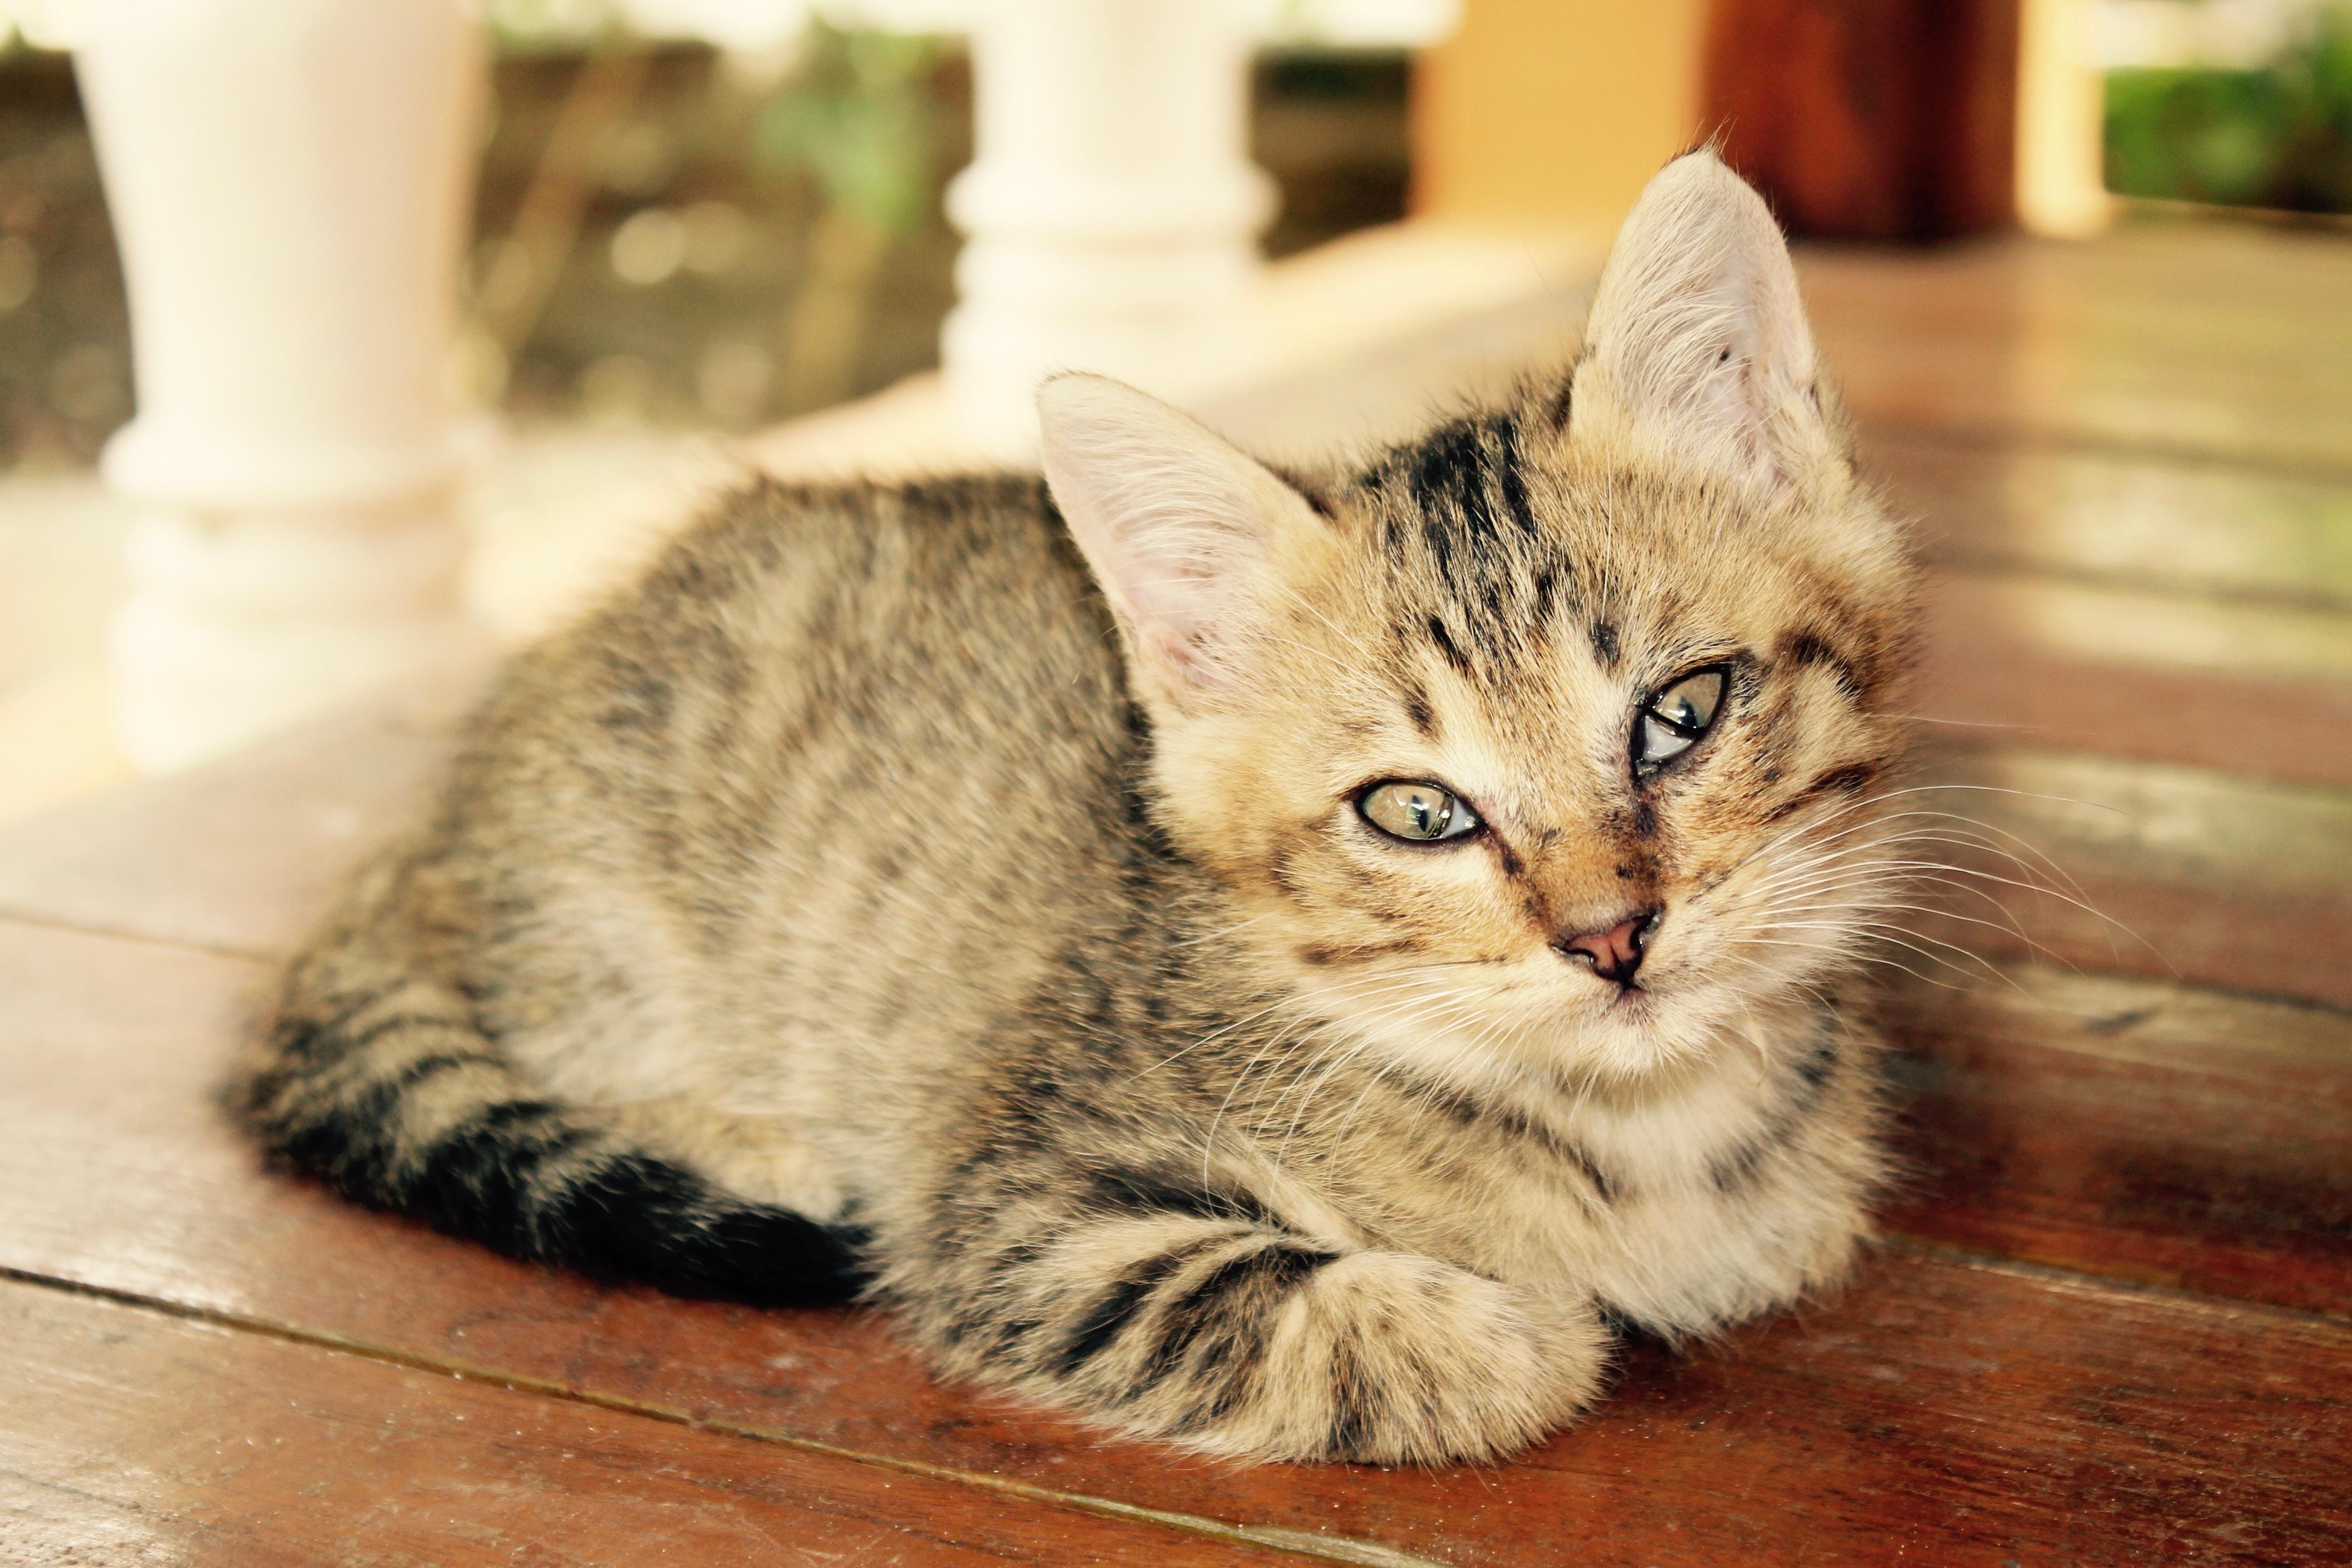 картинка домашнего животного кошка перенести выкройки